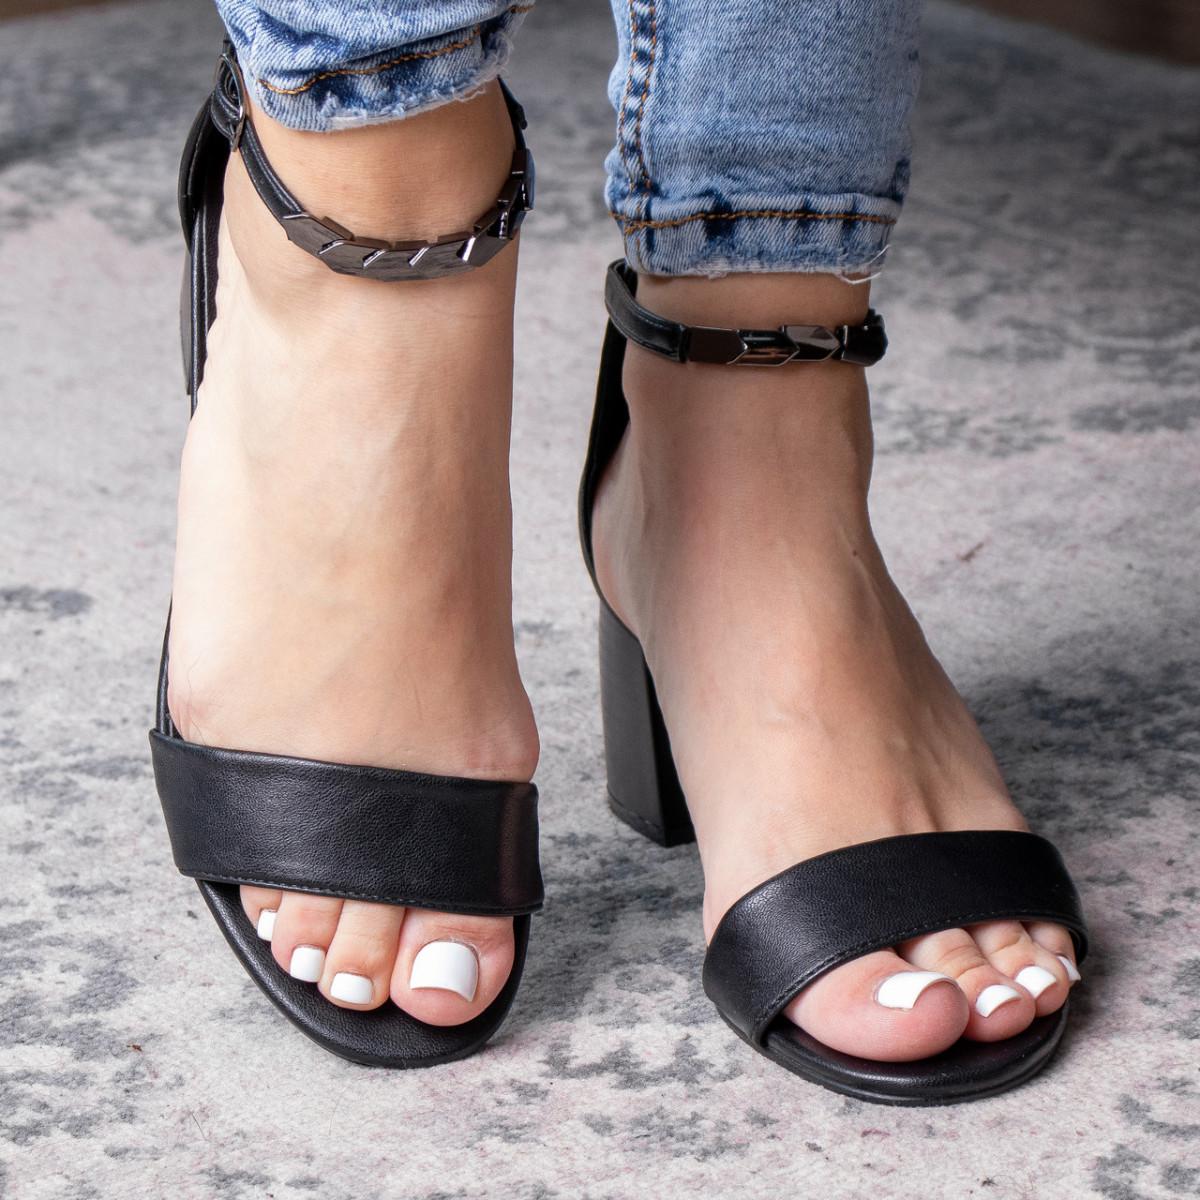 Жіночі босоніжки Fashion Aeris 3090 36 розмір, 23,5 см Чорний